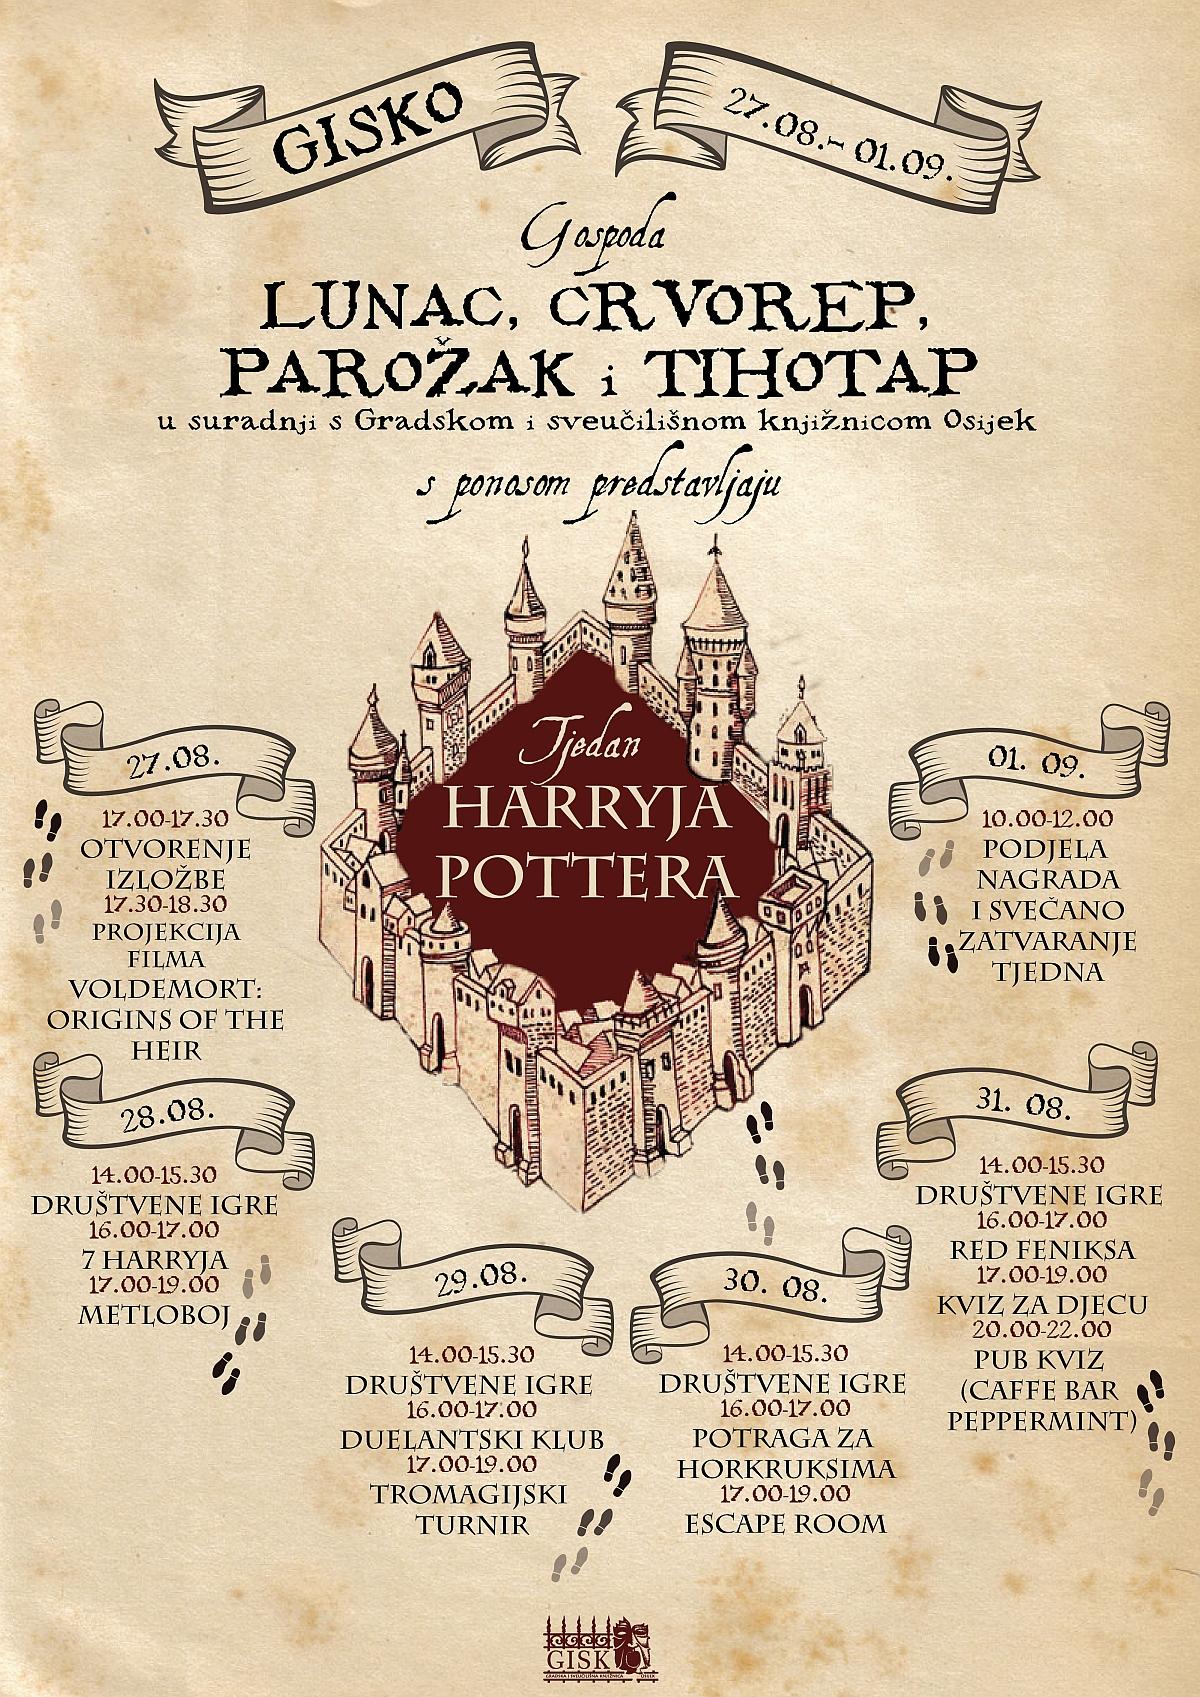 GISKO tjedan Harryja Pottera